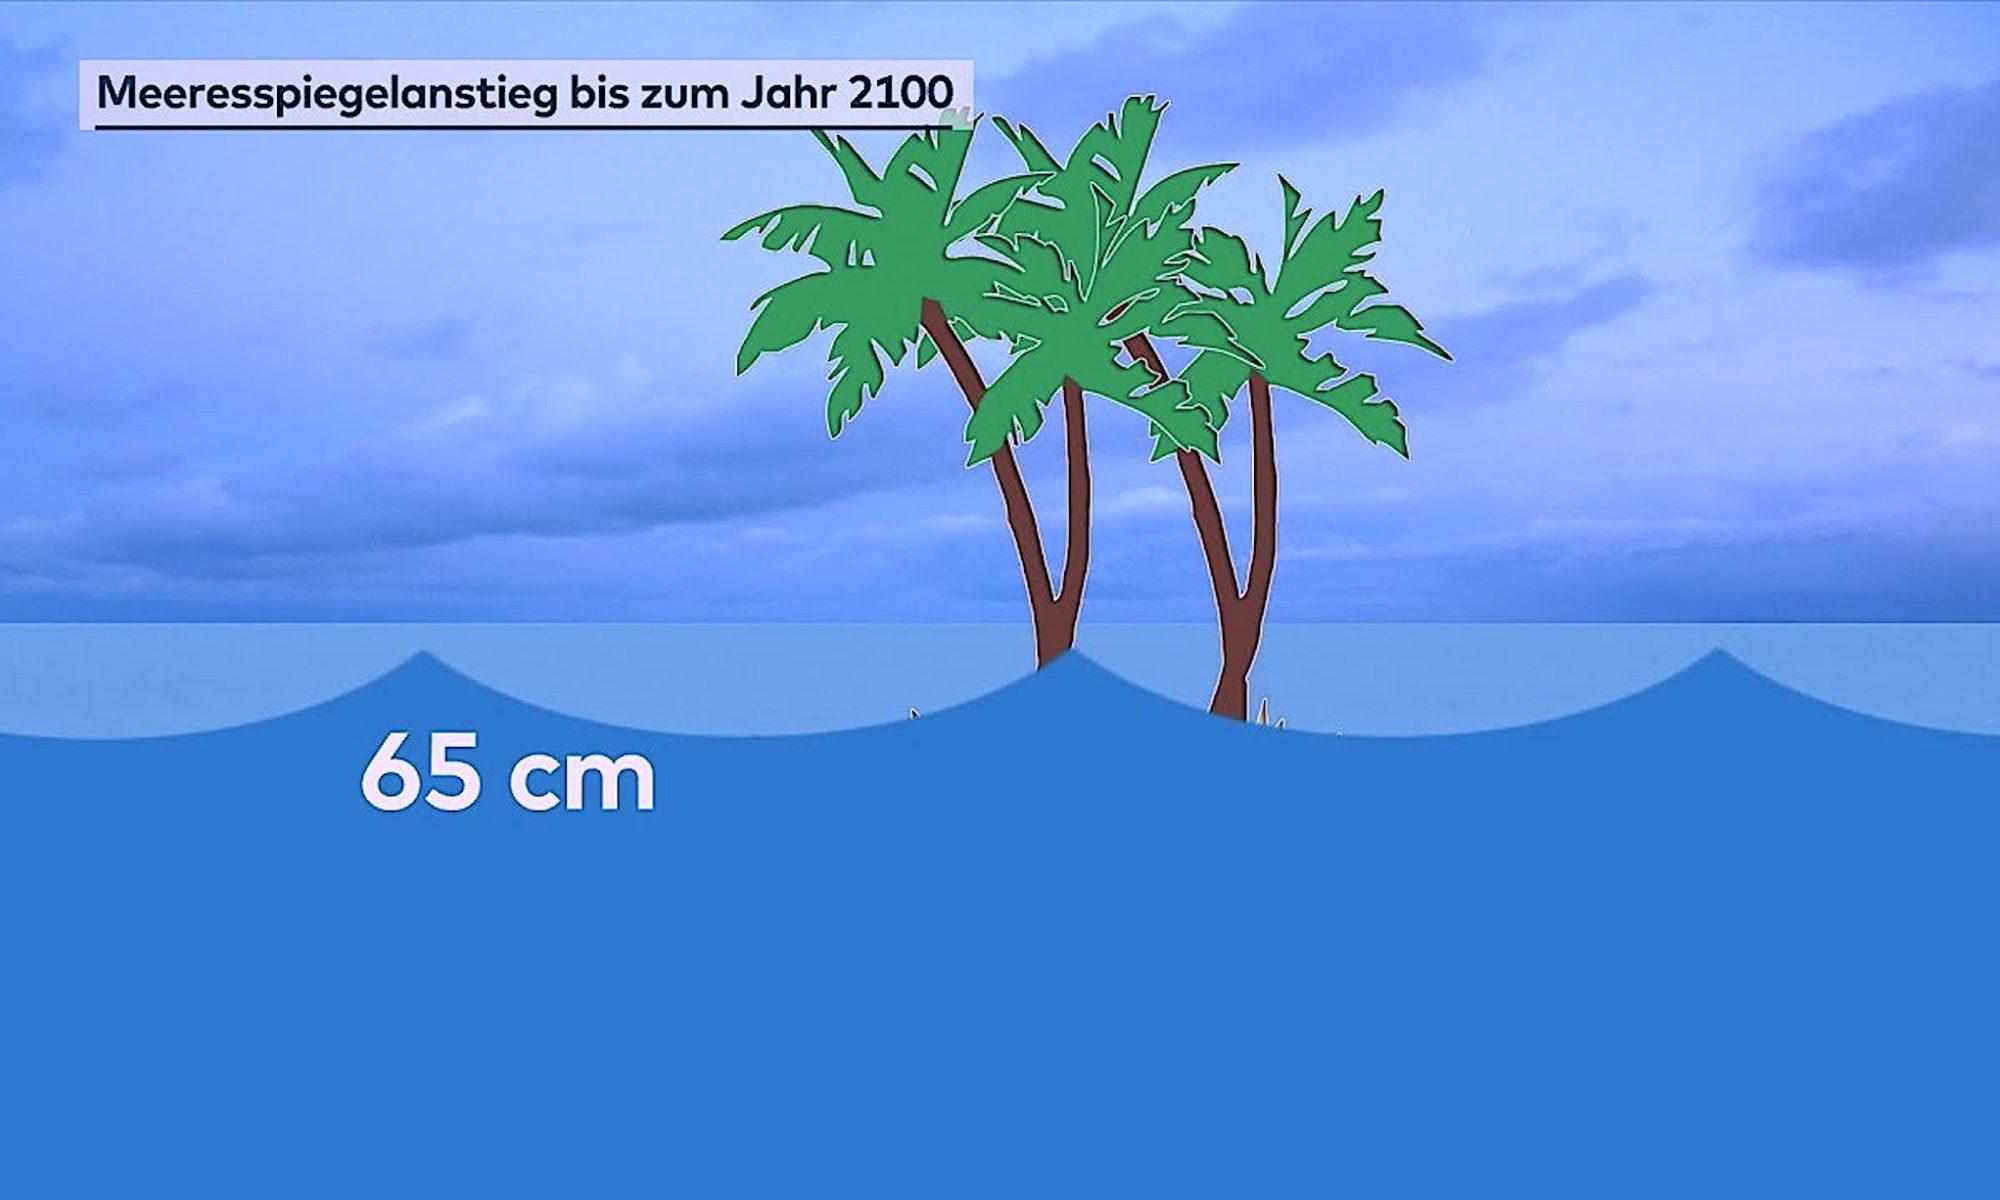 Klimawandel Meeresspiegel